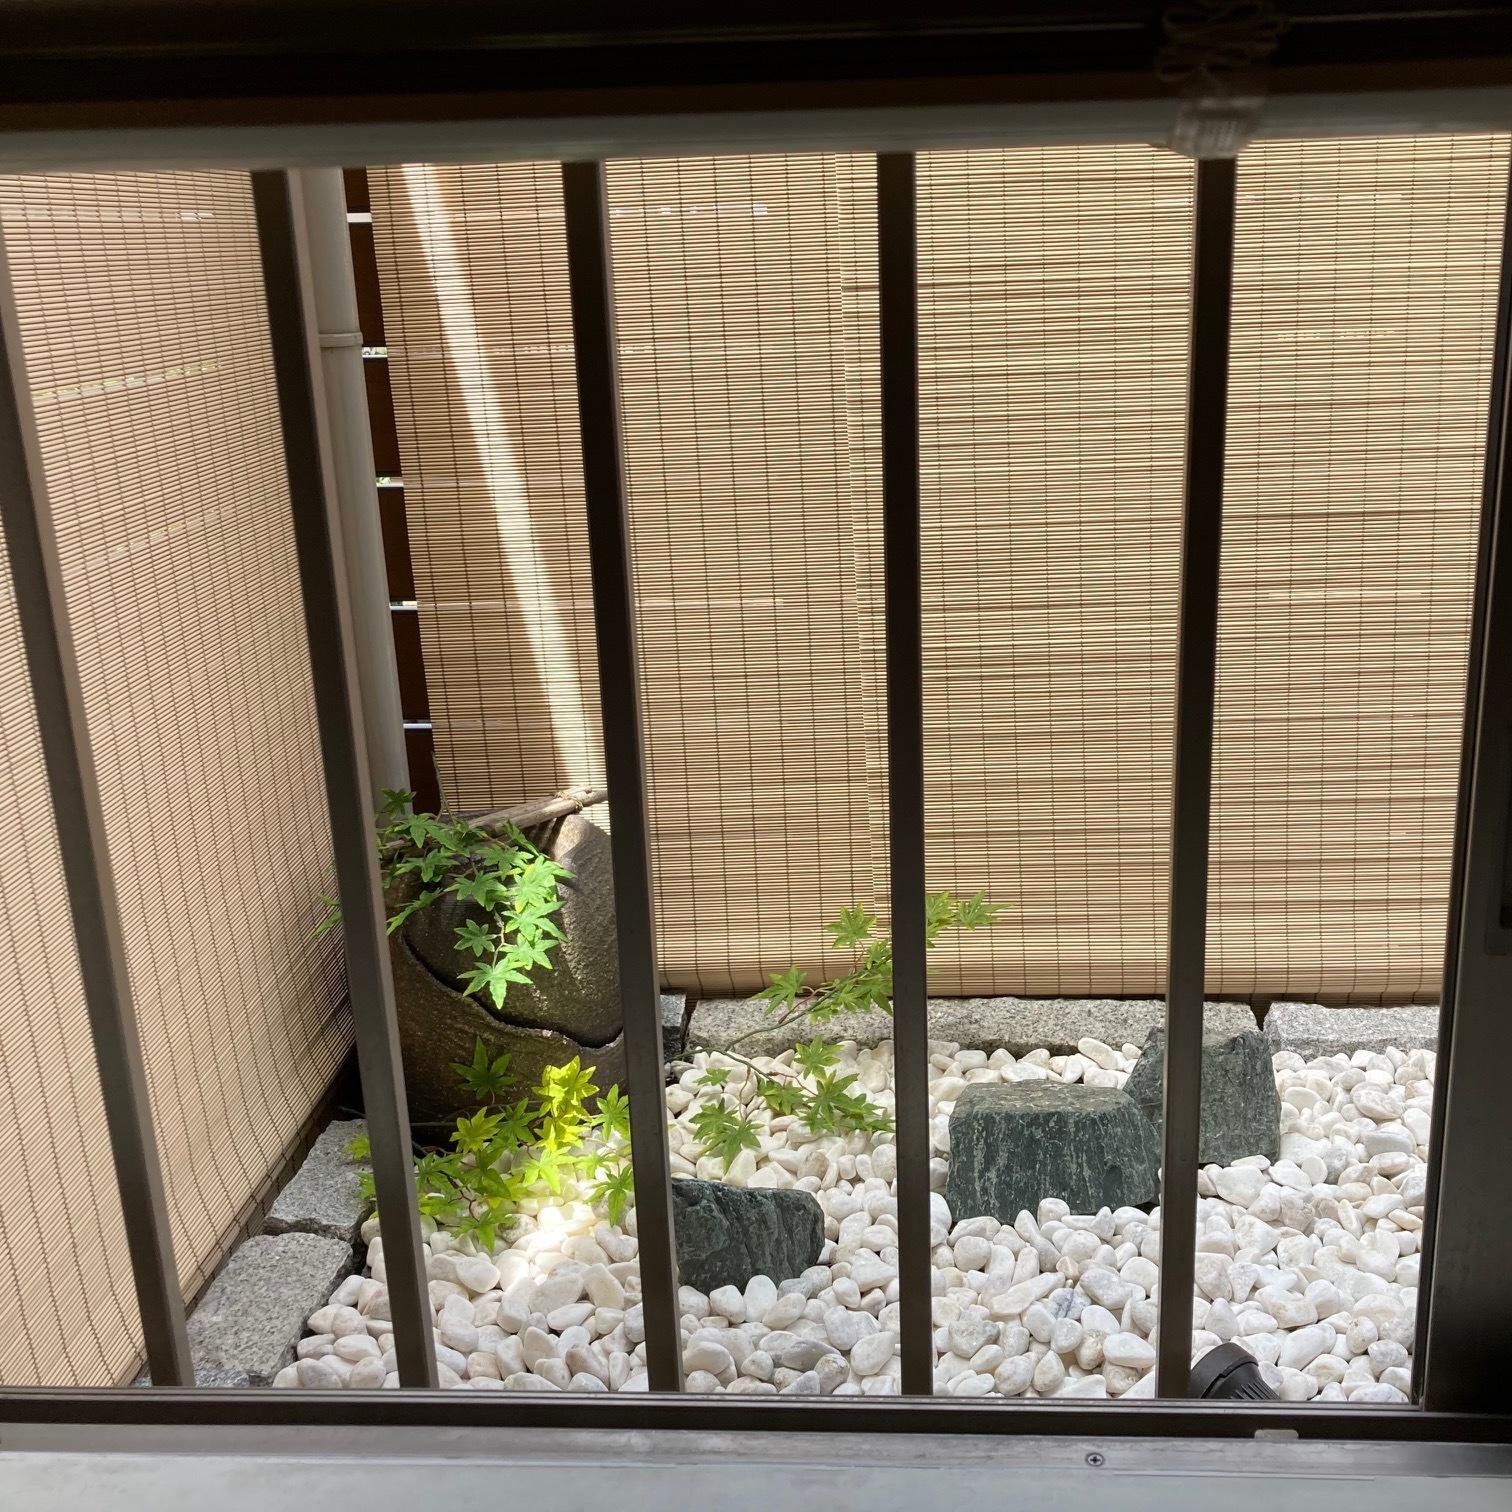 窓から見える玉砂利の小さな坪庭